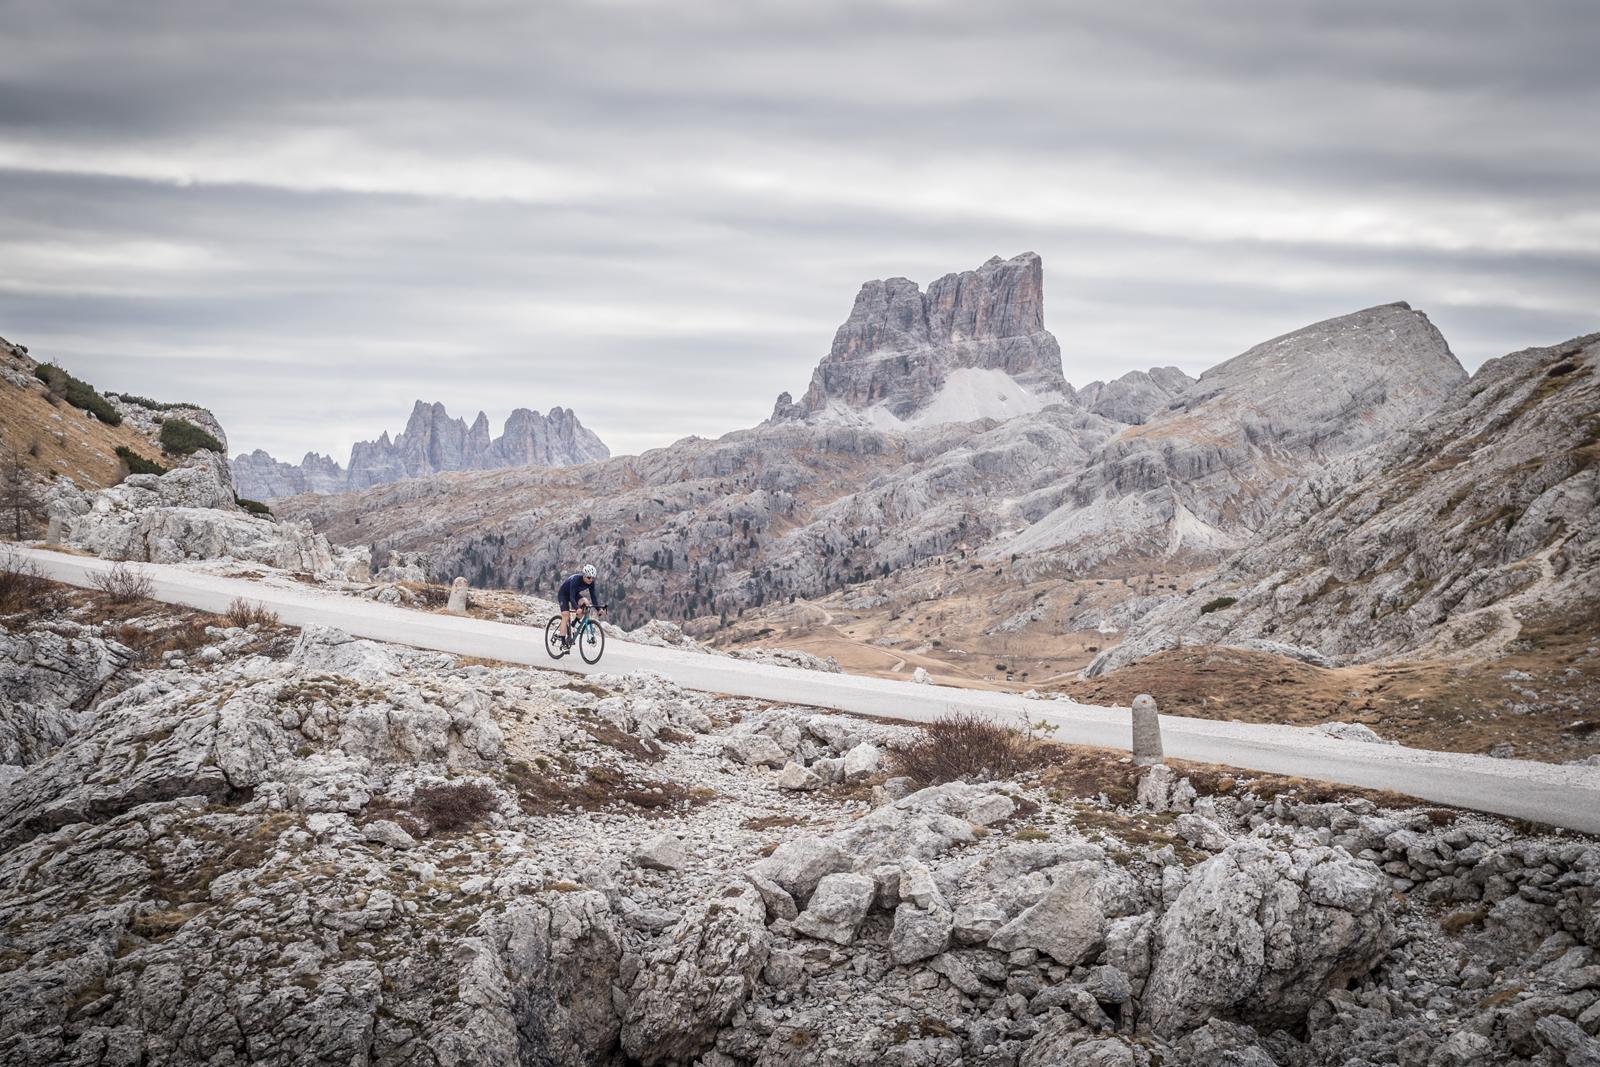 Volkswagen R Gravelbike Experience - die Alpenüberquerung für Abenteurer und Genussbiker